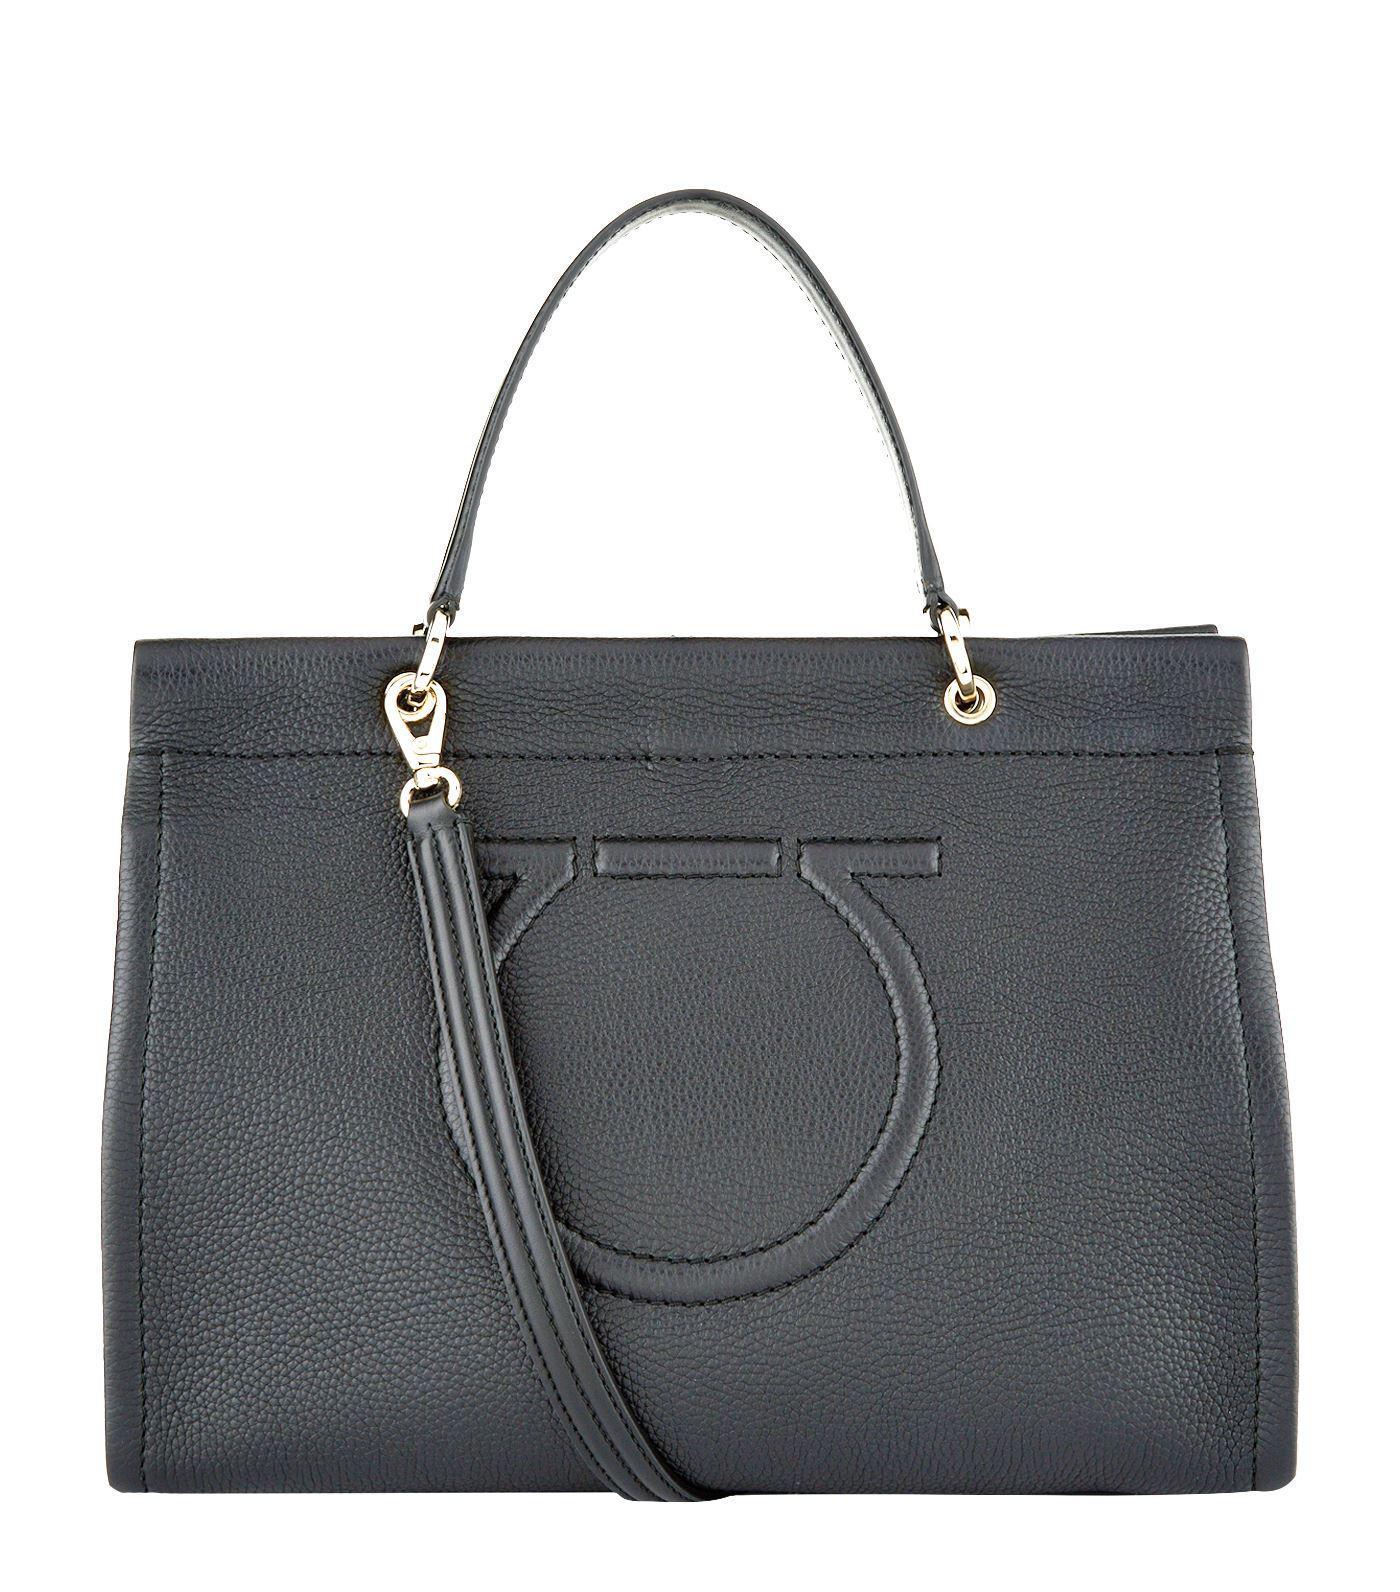 9ff41852abdc Lyst - Ferragamo Leather Meera Tote Bag in Black